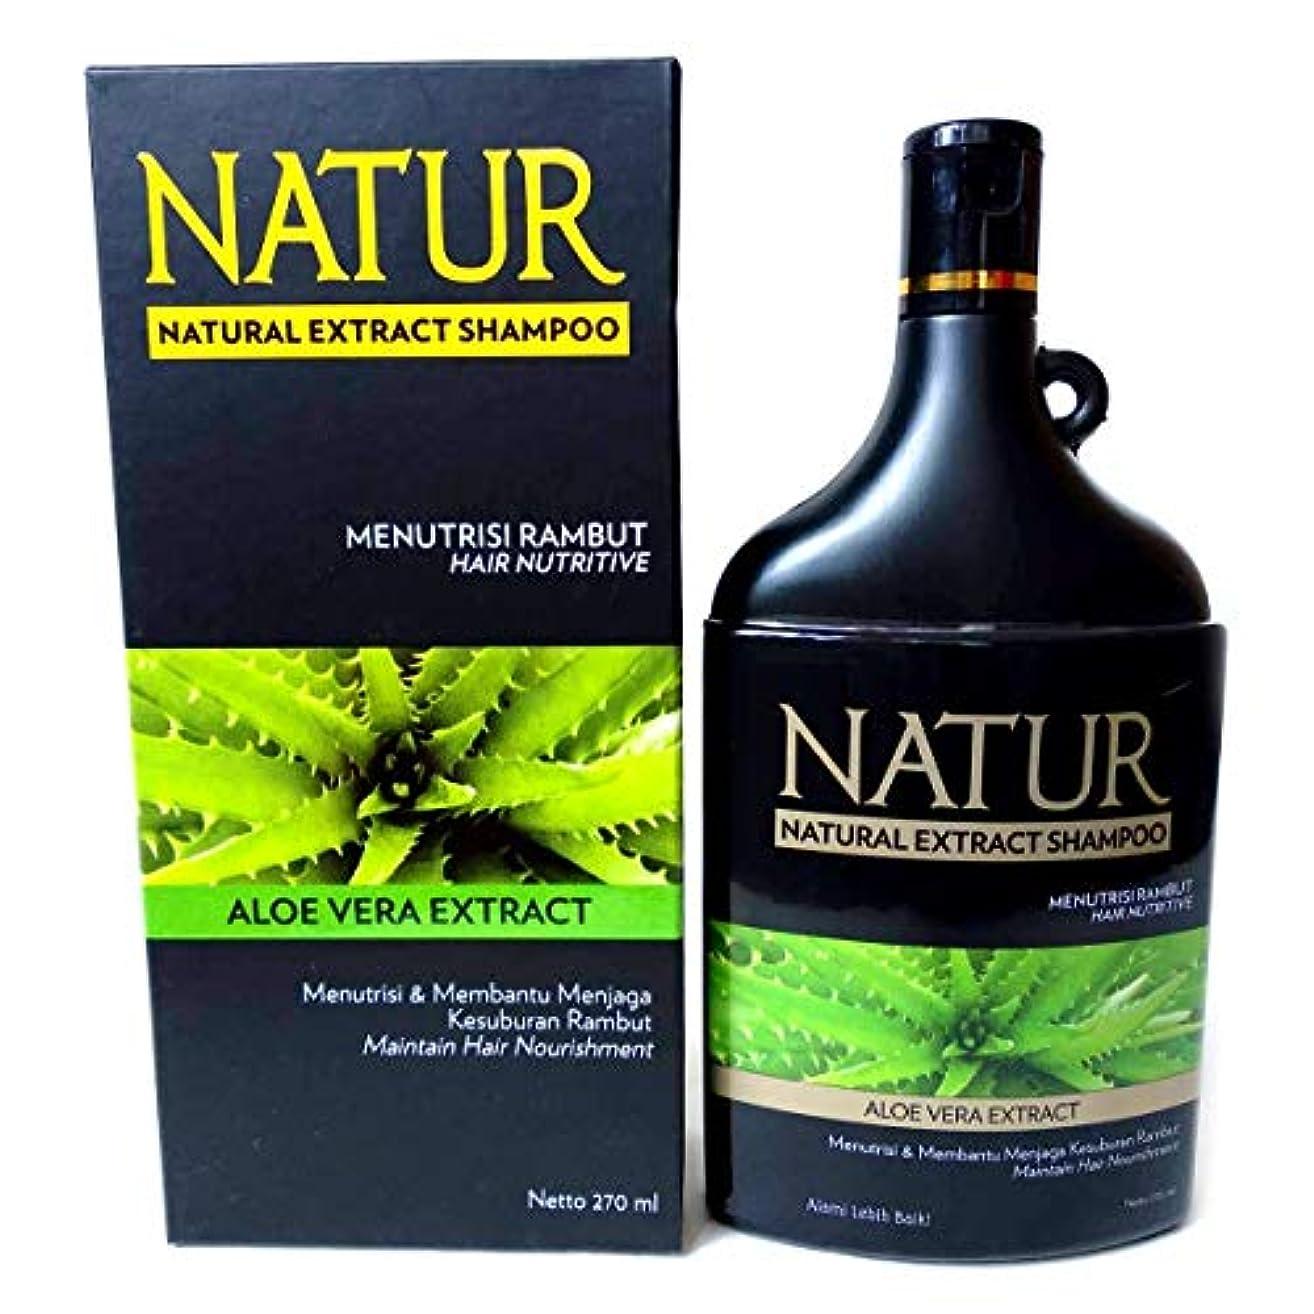 兄ボトル寄生虫NATUR ナトゥール 天然植物エキス配合 ハーバルシャンプー 270ml Aloe vera アロエベラ [海外直商品]